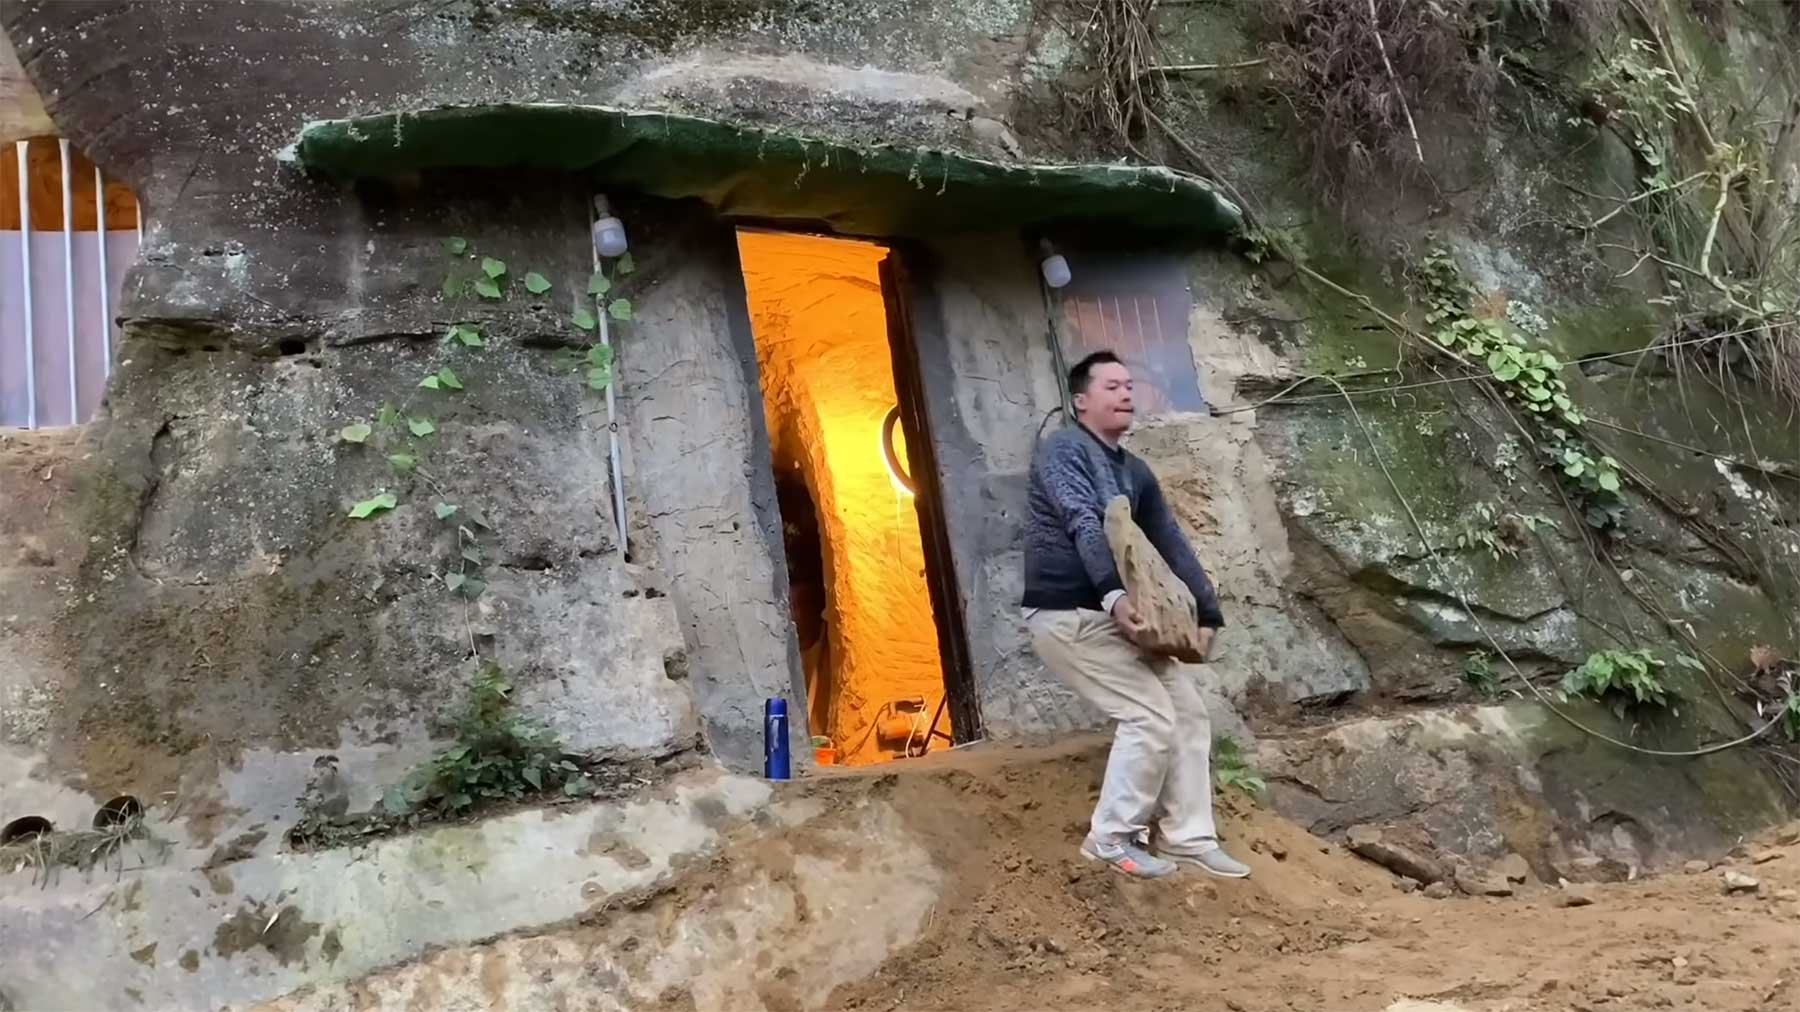 Einfach ein Loch in einen Berg schlagen und drin wohnen